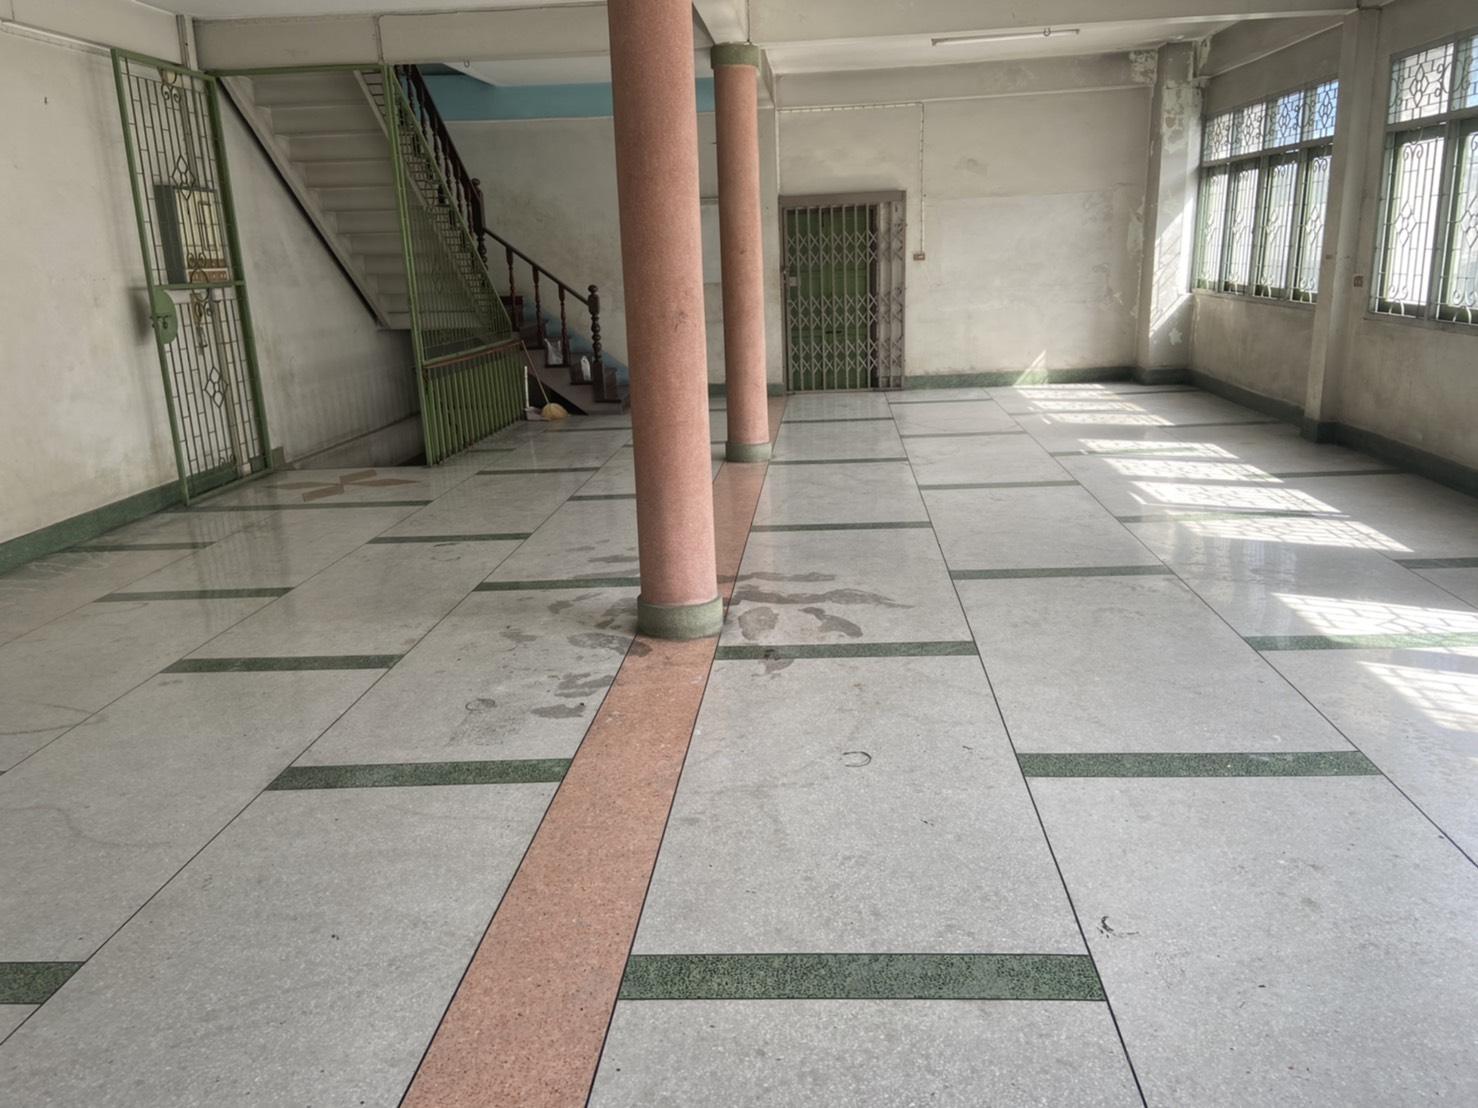 ให้เช่าบ้านอาคารพาณิชย์ติดรถไฟฟ้าMRTสถานีเพชรเกษม48 ใกล้รถไฟฟ้าBTSสถานีบางหว้าเพียง 1 กม. ที่จอด2คัน